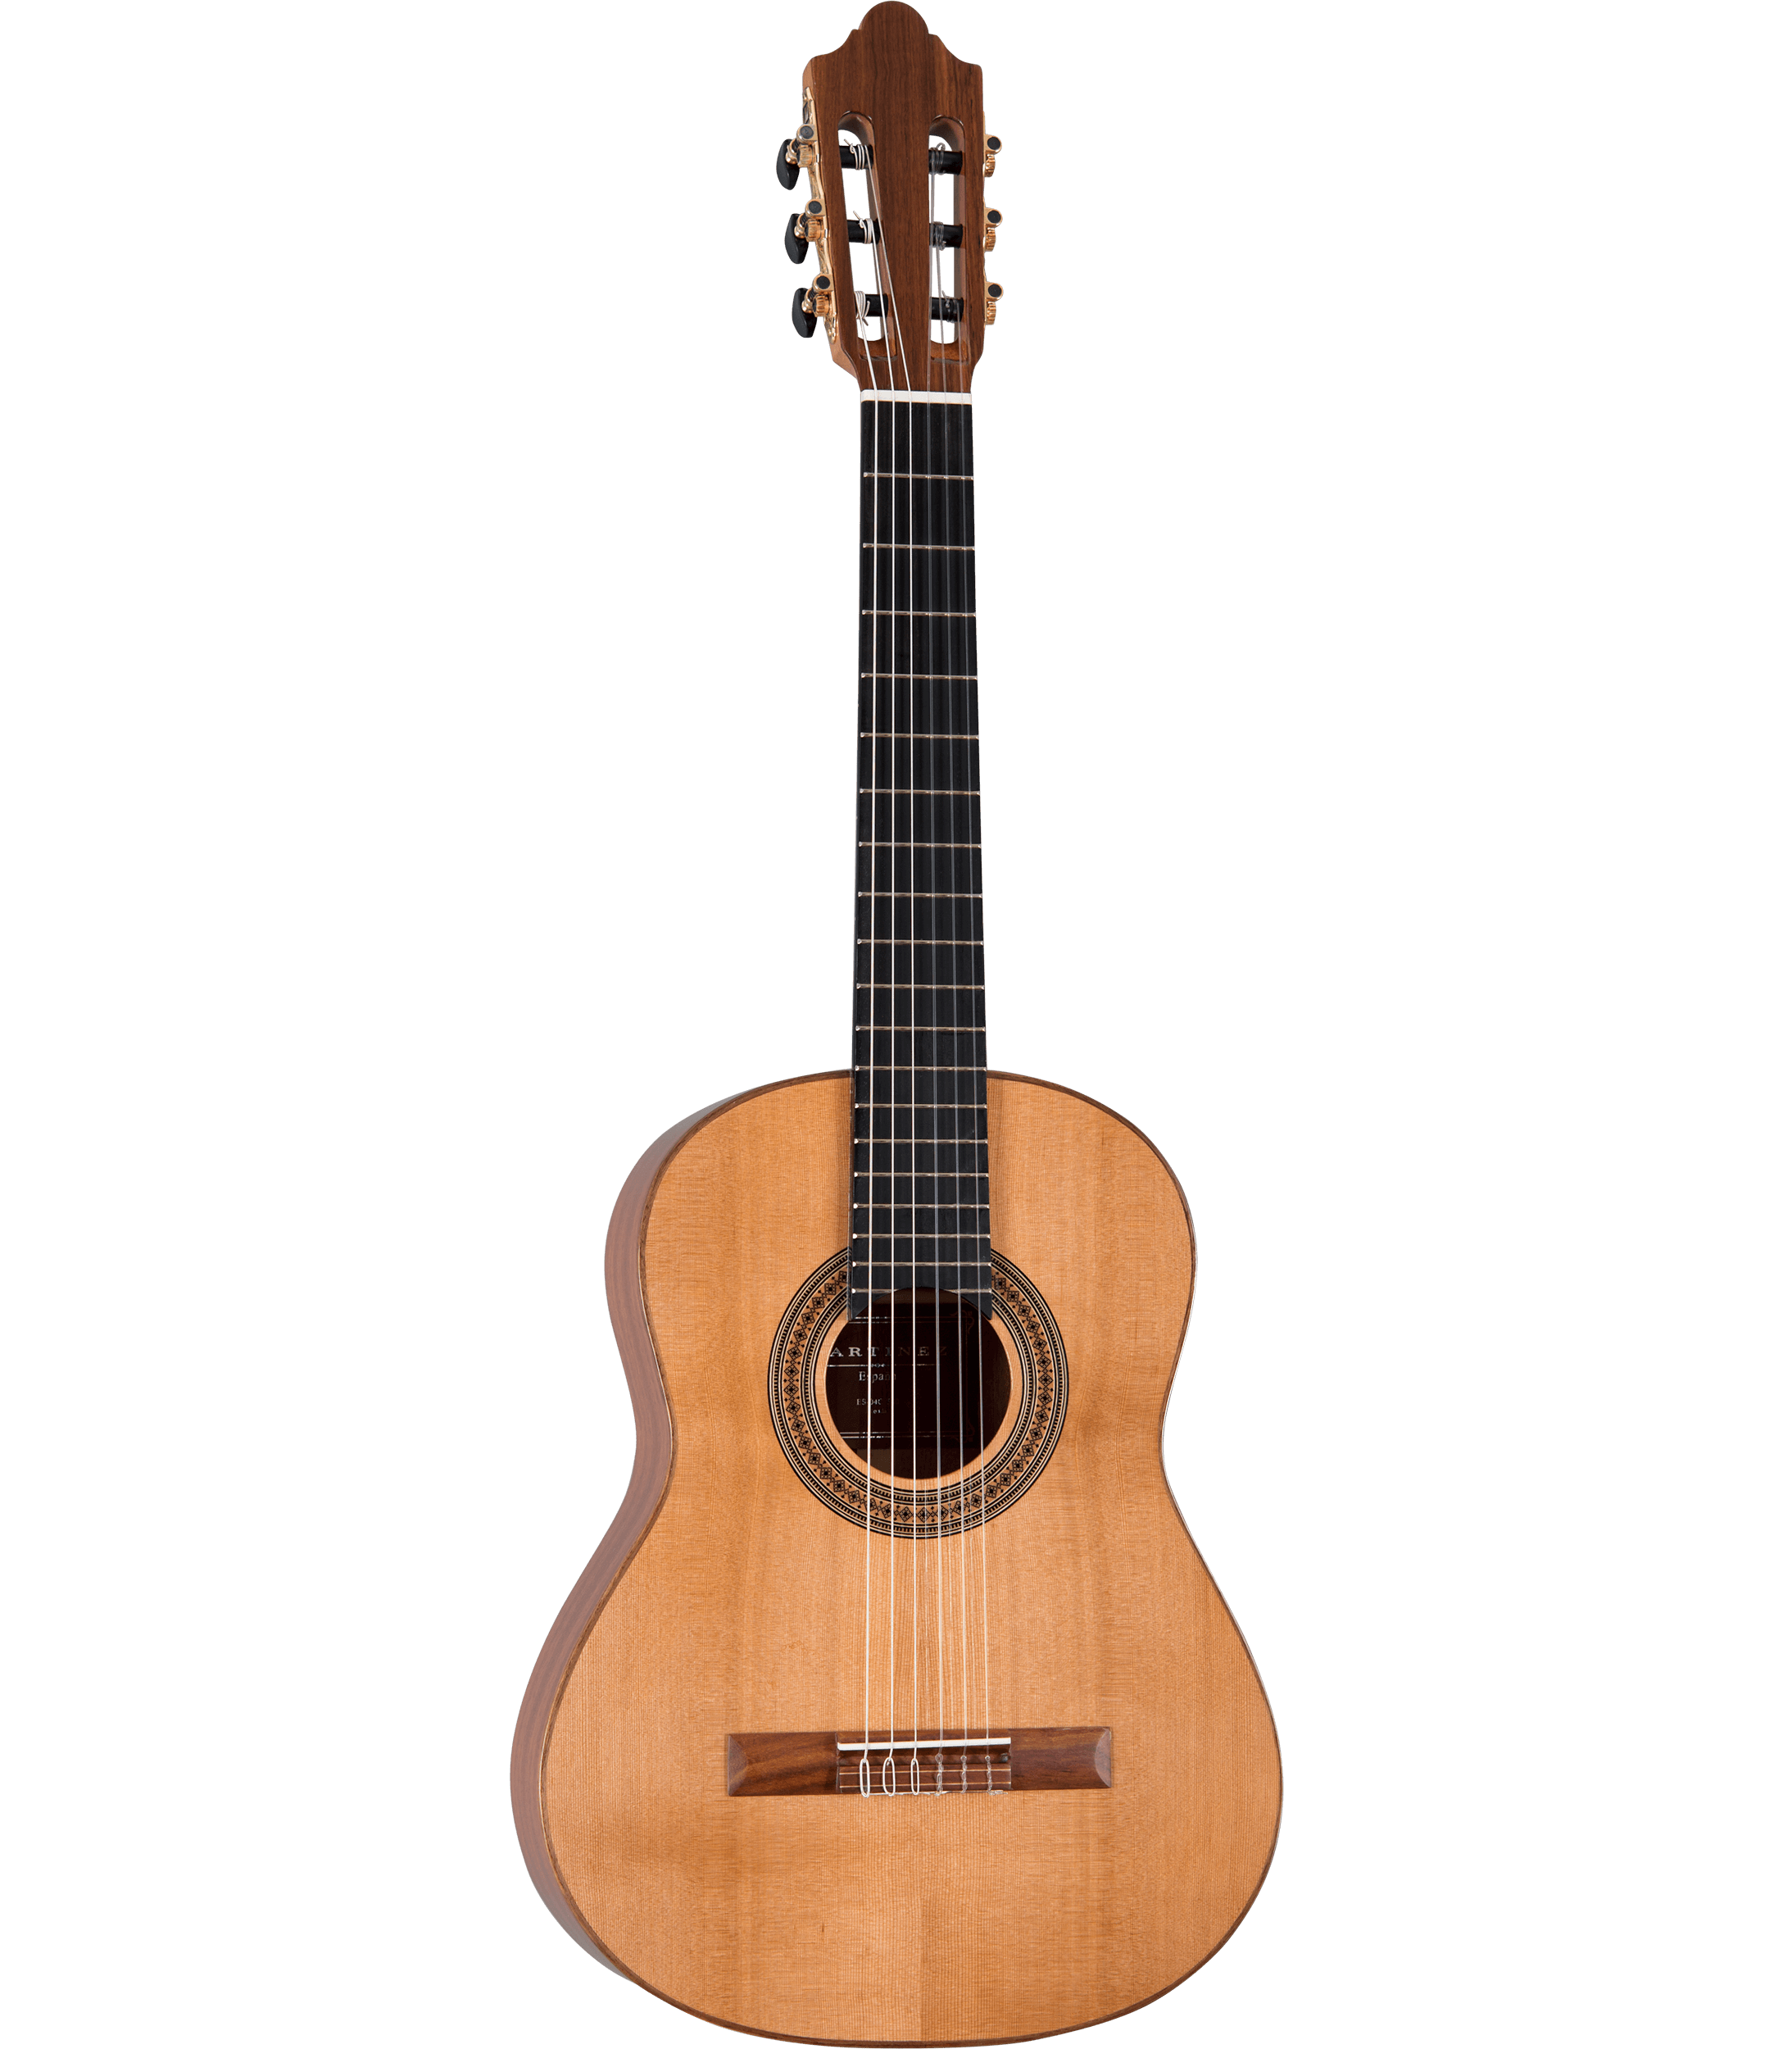 Martinez ES-04C / 58